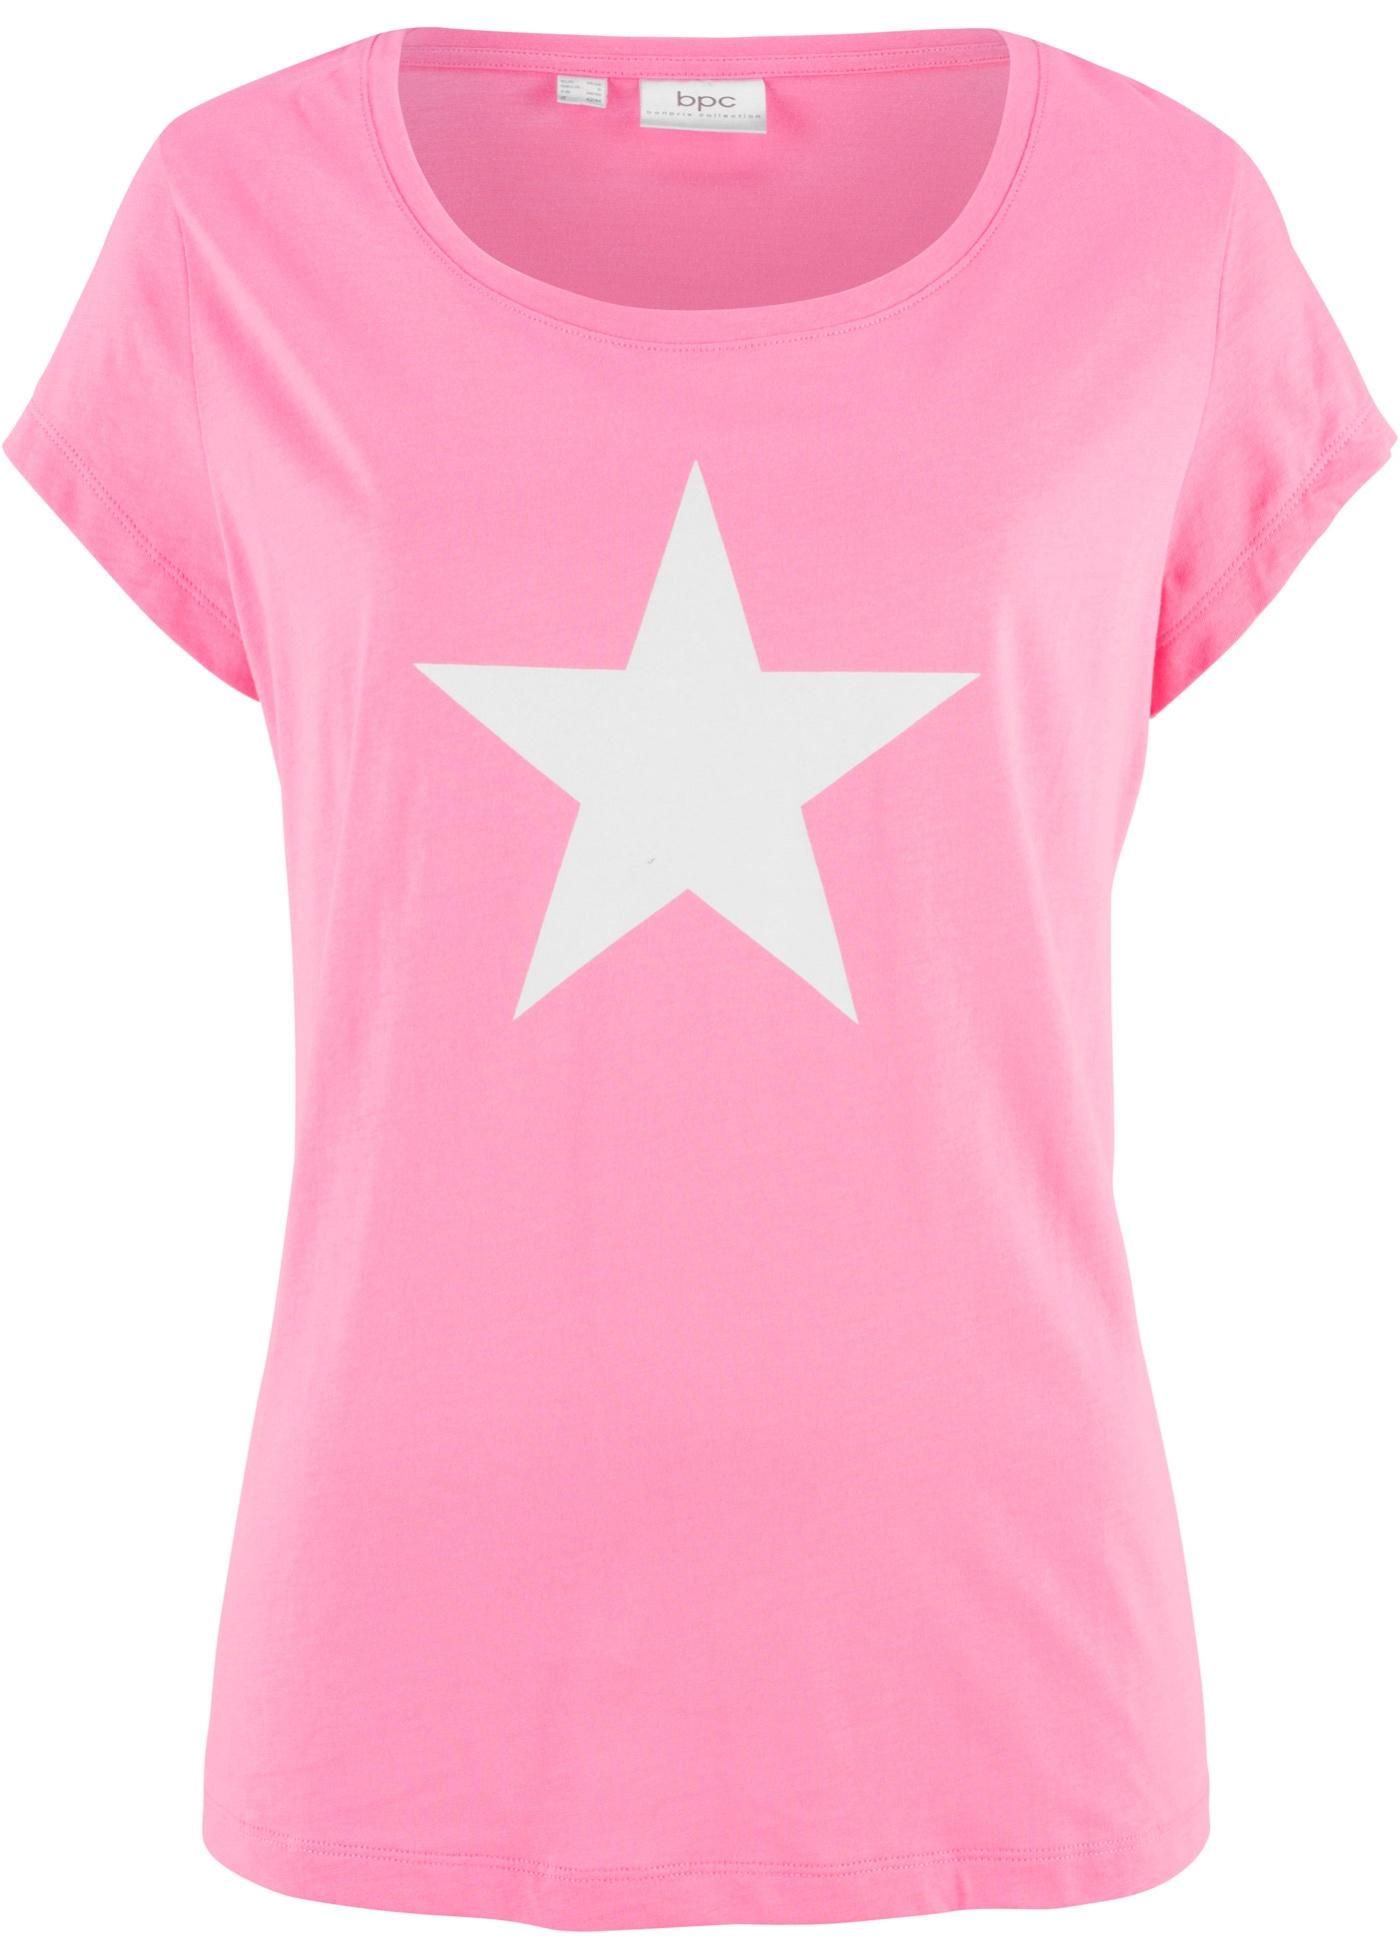 Tričko s potiskem hvězdy - Růžová a0aaf8f317